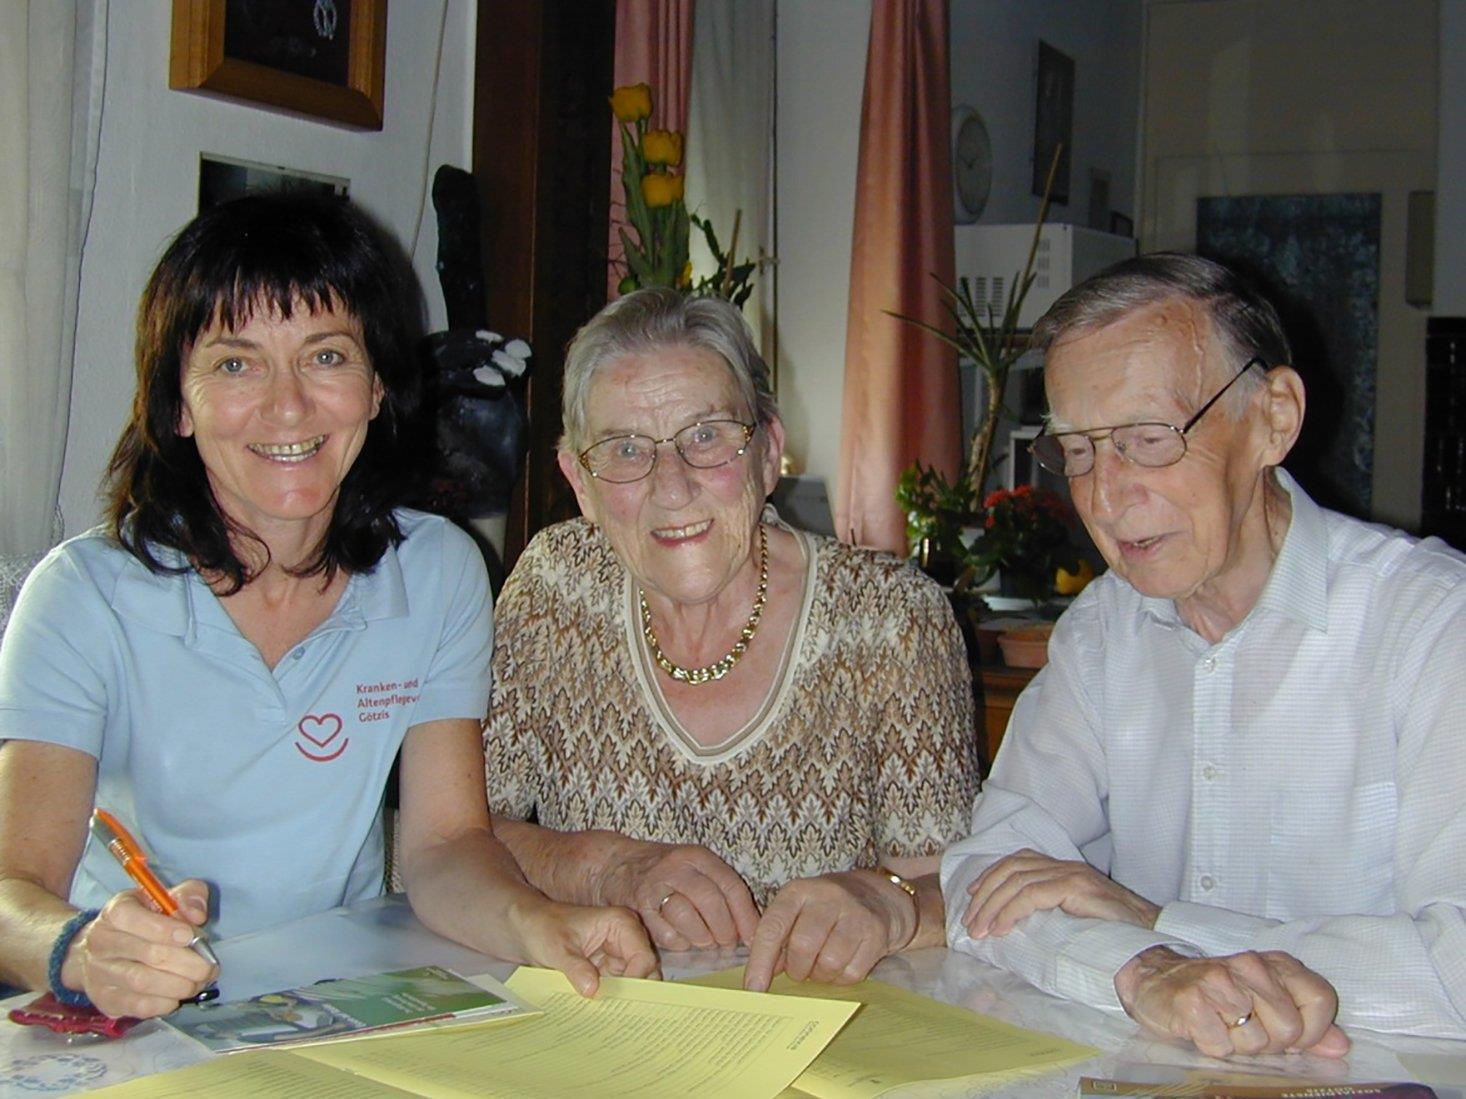 Vorkehrungen, damit ältere Menschen möglichst lange selbstständig bleiben.